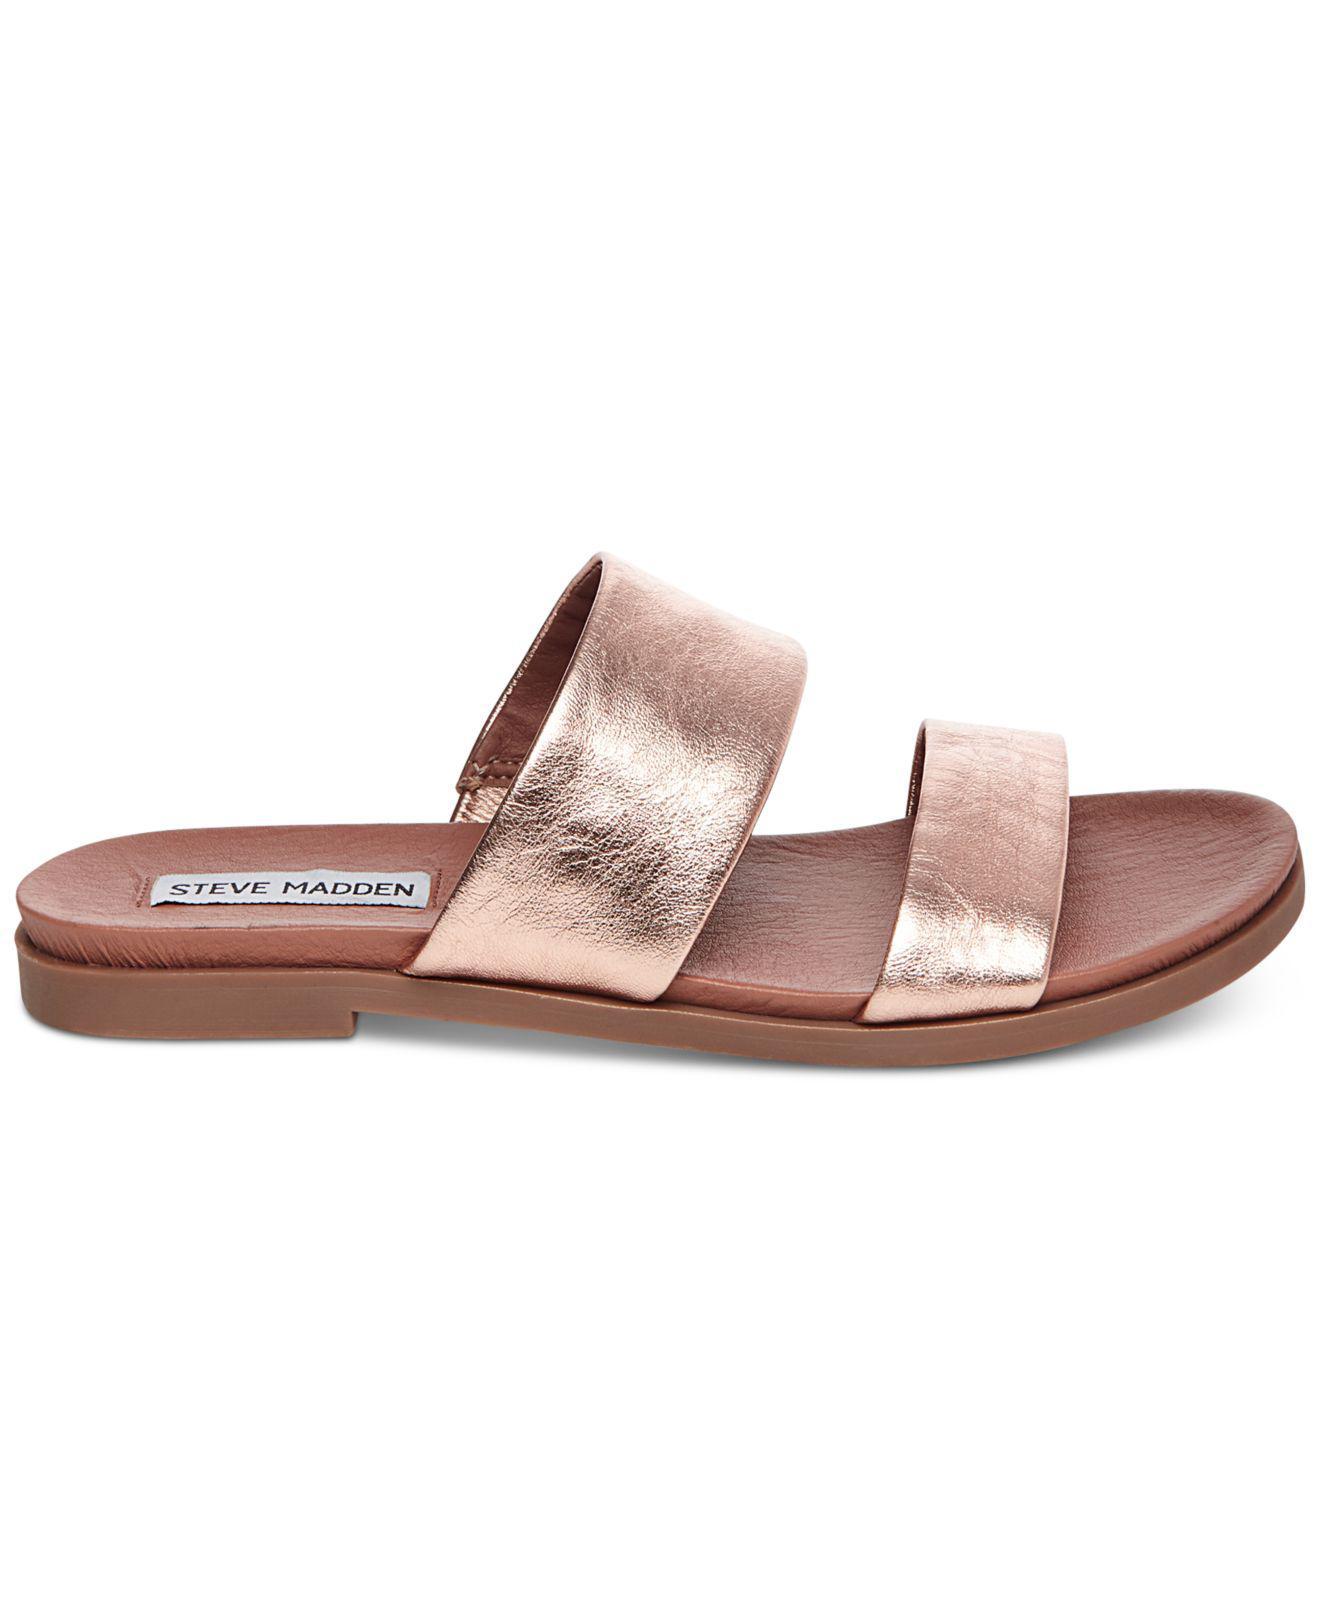 1a356ae07b3a Lyst - Steve Madden Women s Judy Flat Slide Sandals